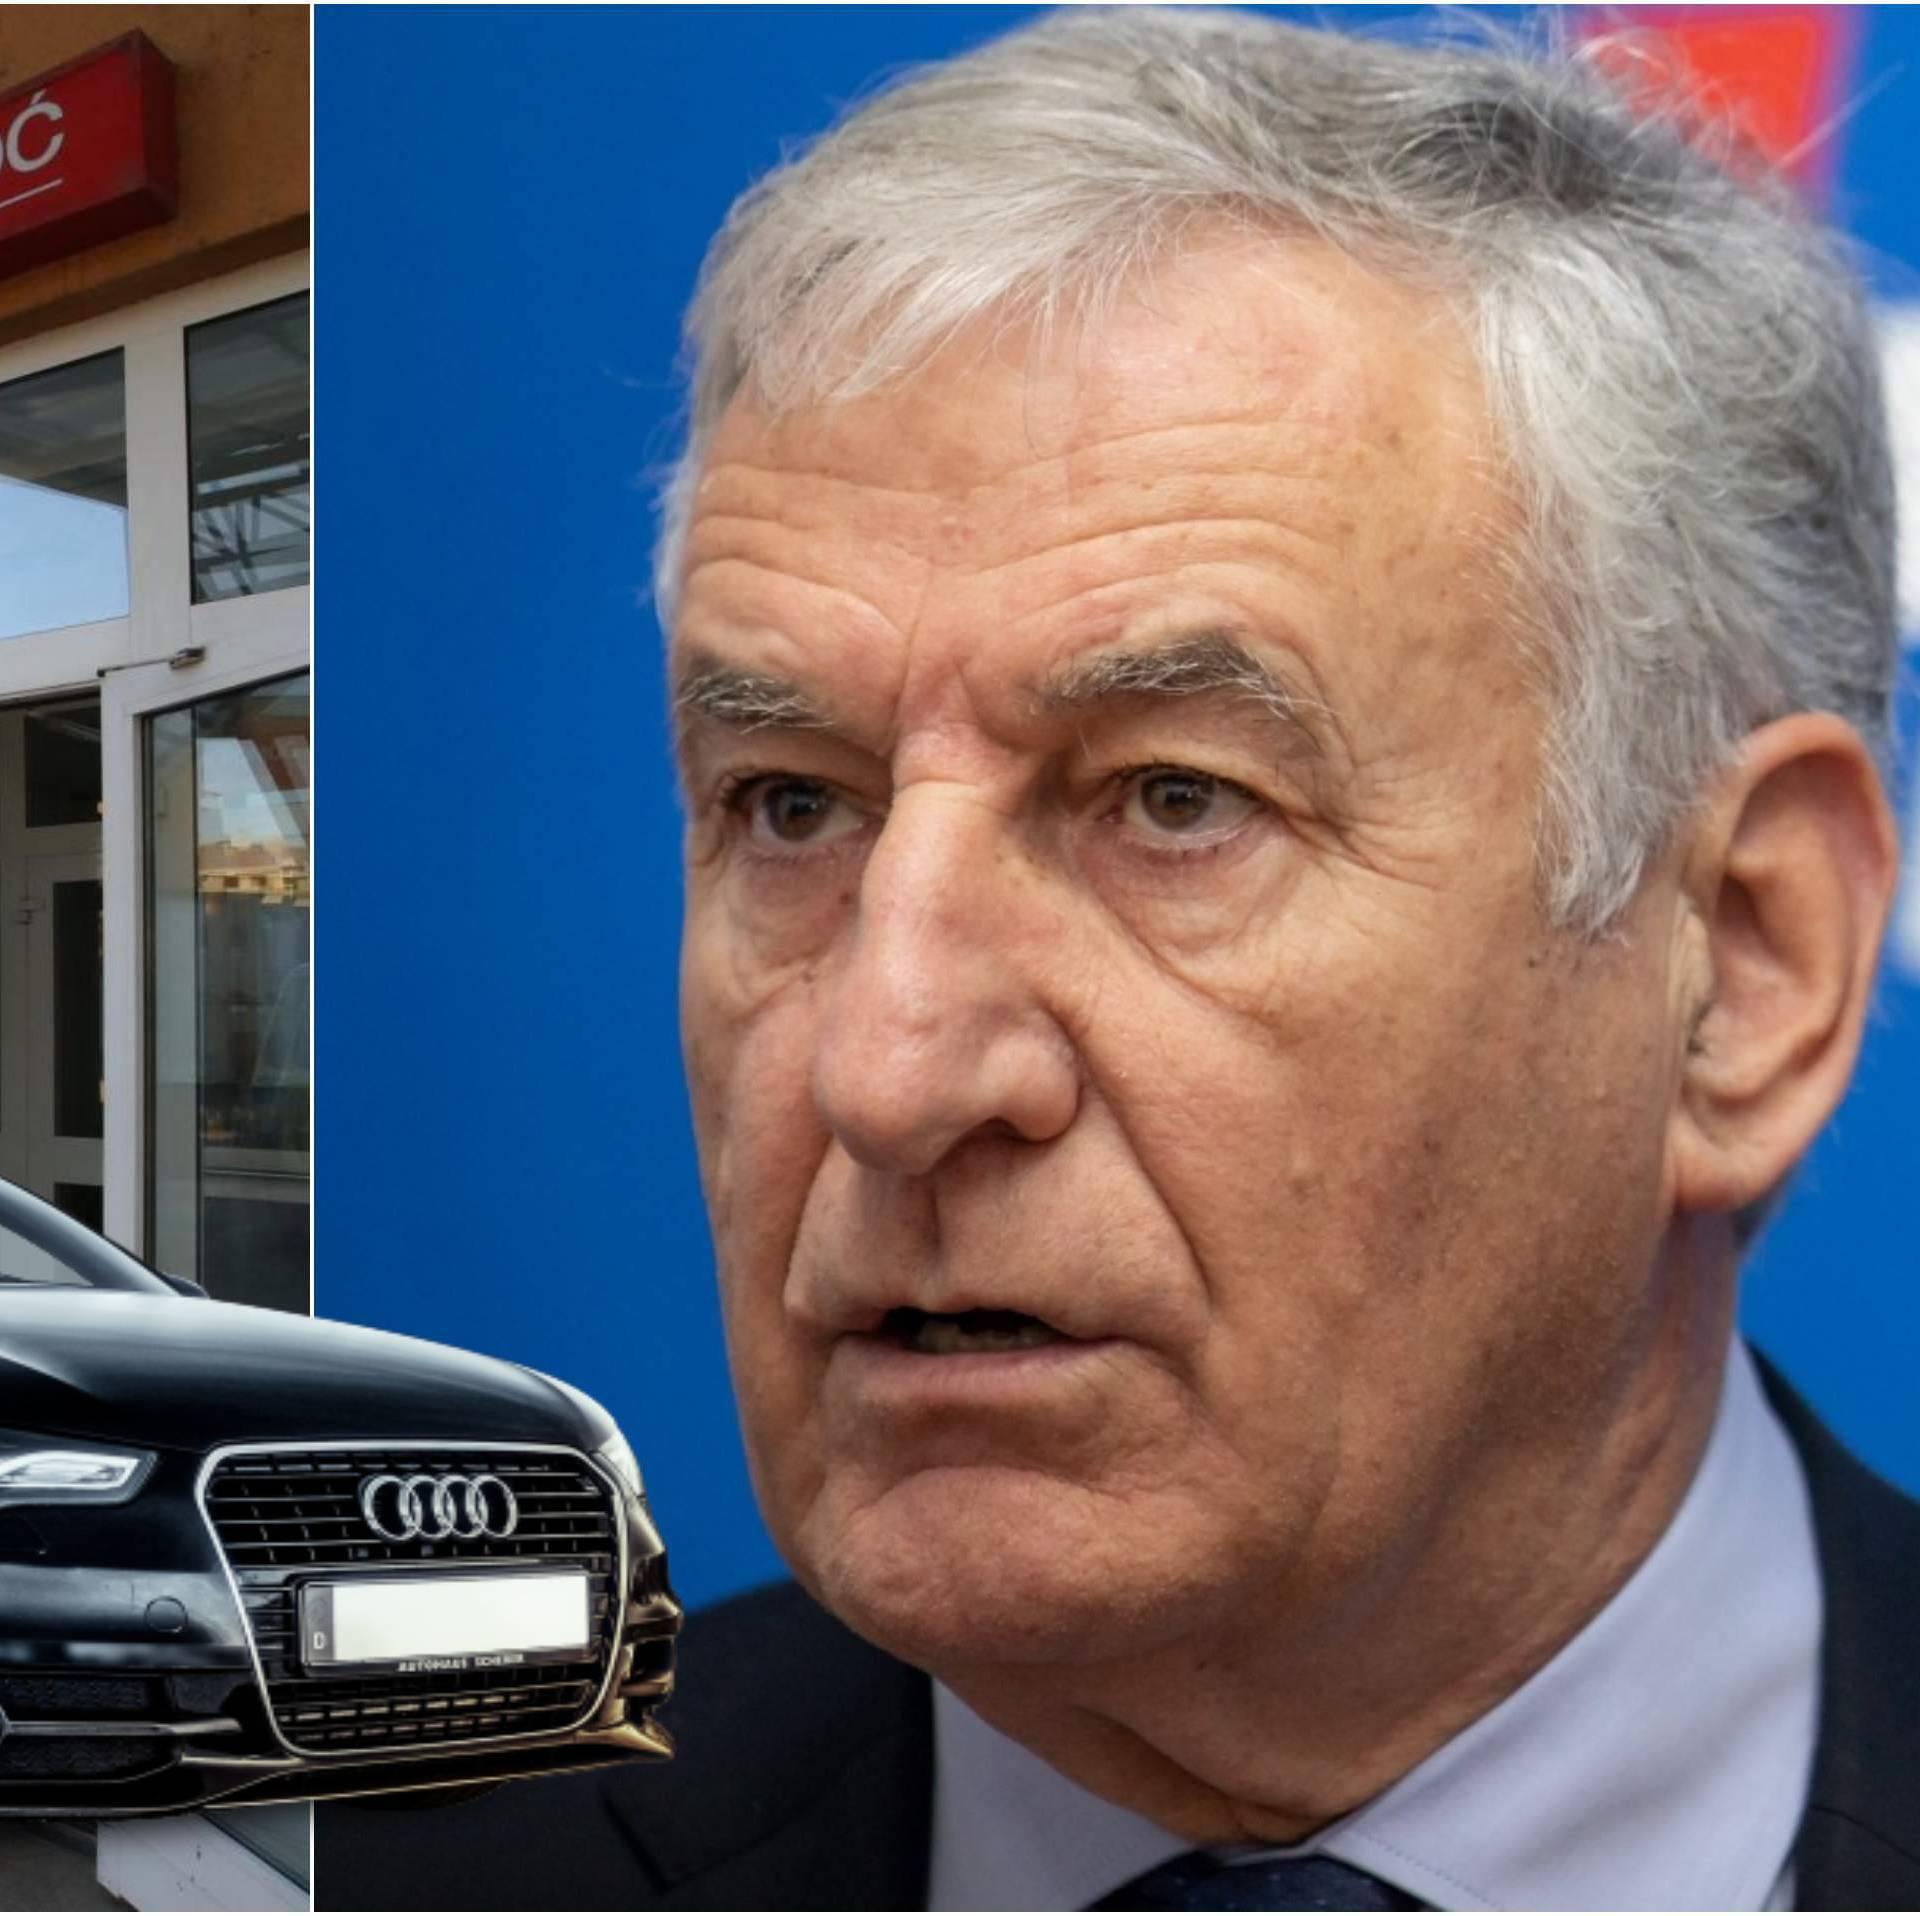 HDZ-ov župan odbio dati novac za Hitnu. Ali zato je kupio Audi